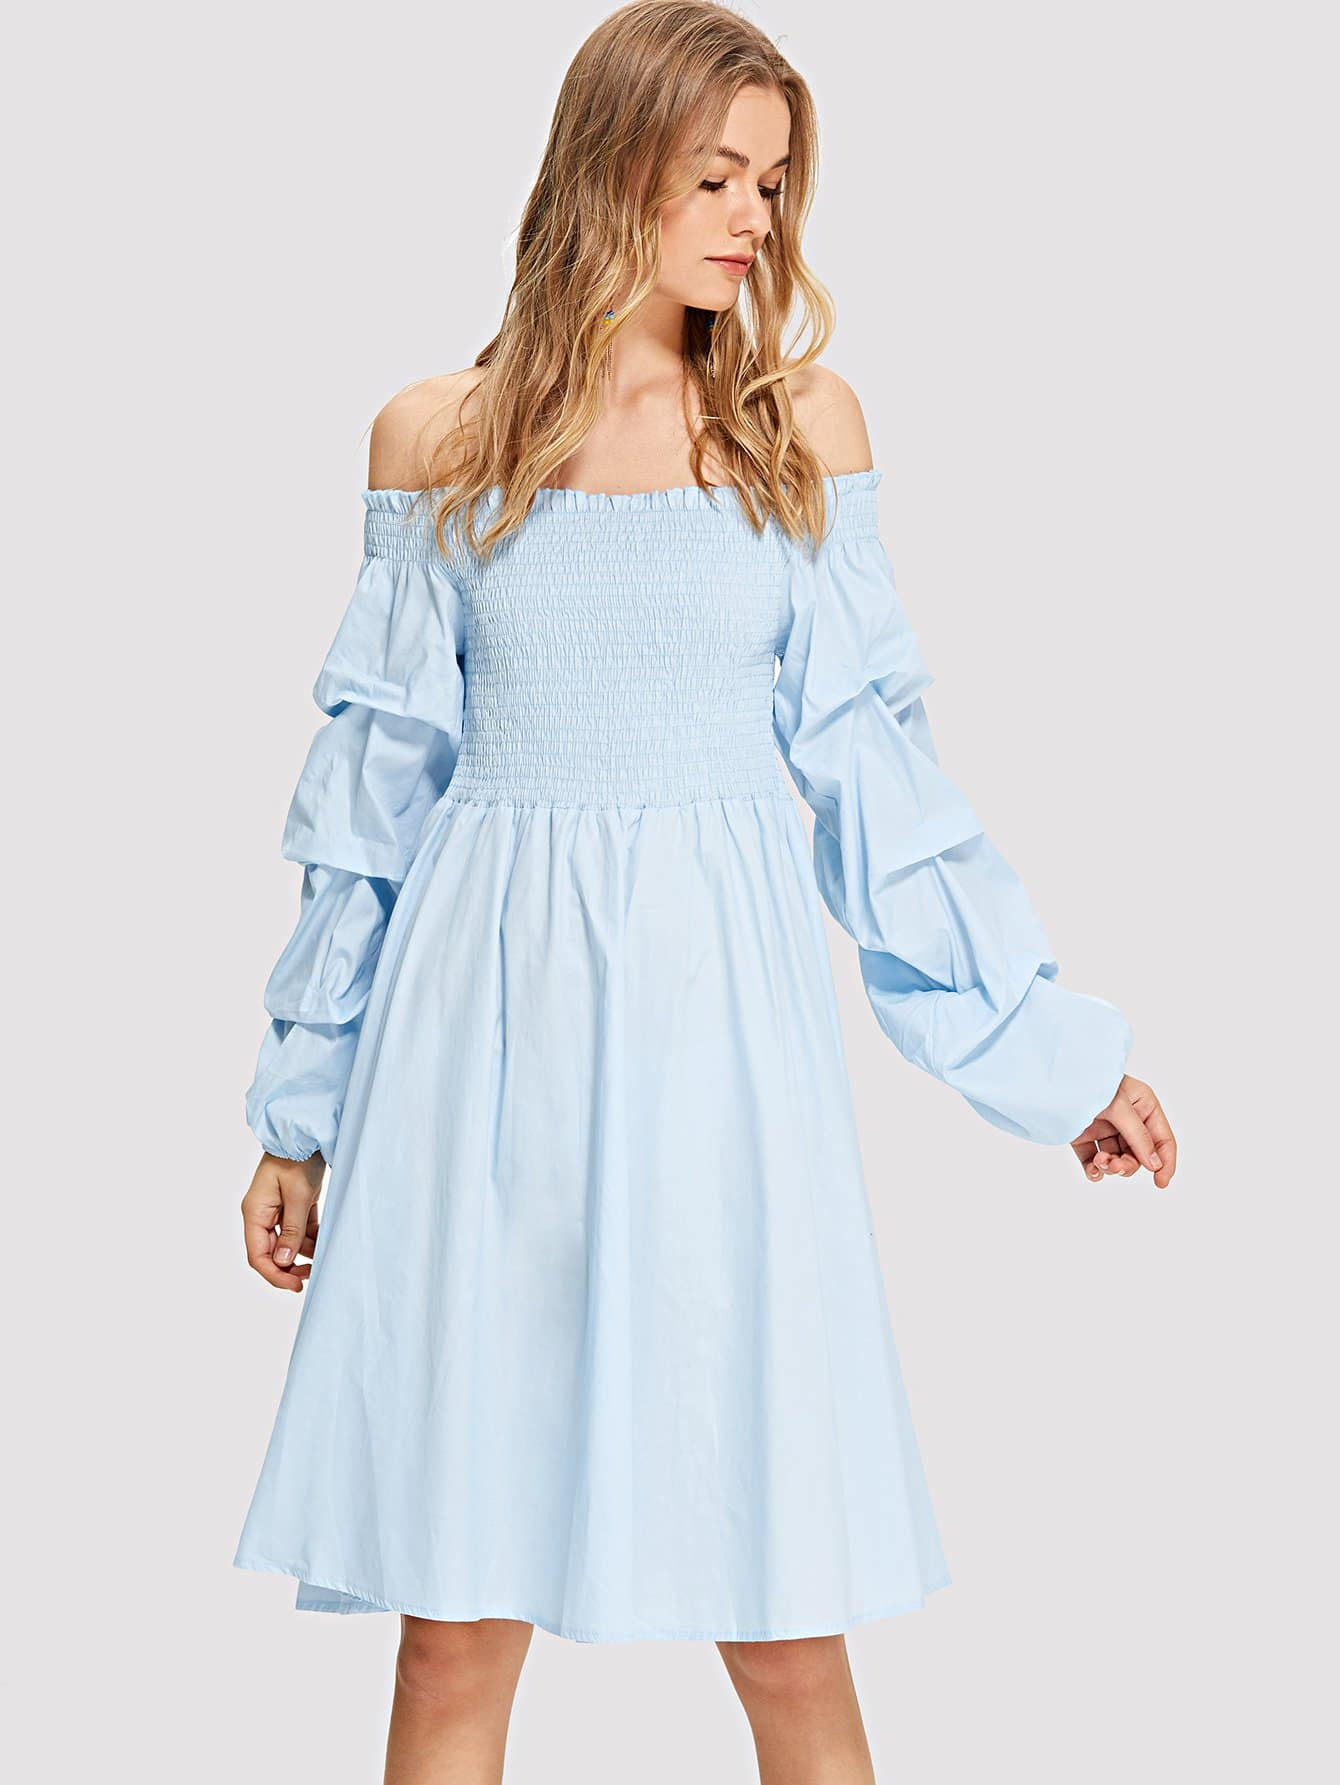 Купить Платье бандо с собранными рукавами, Teresa, SheIn